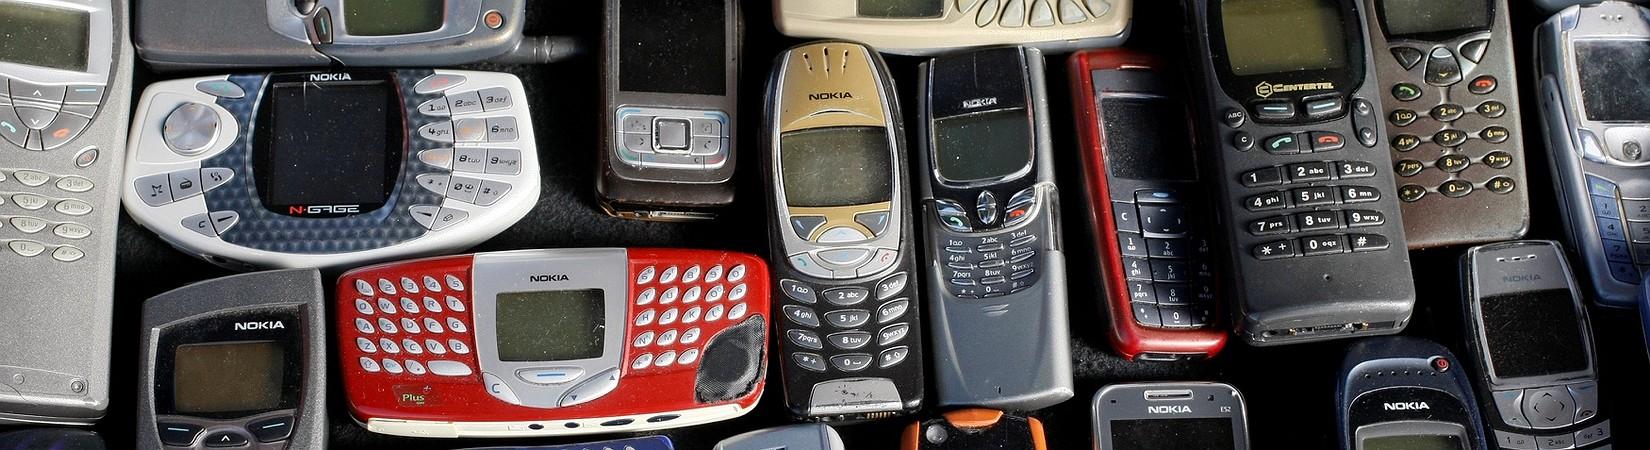 ¿Por qué Nokia no podría superar al iPhone?